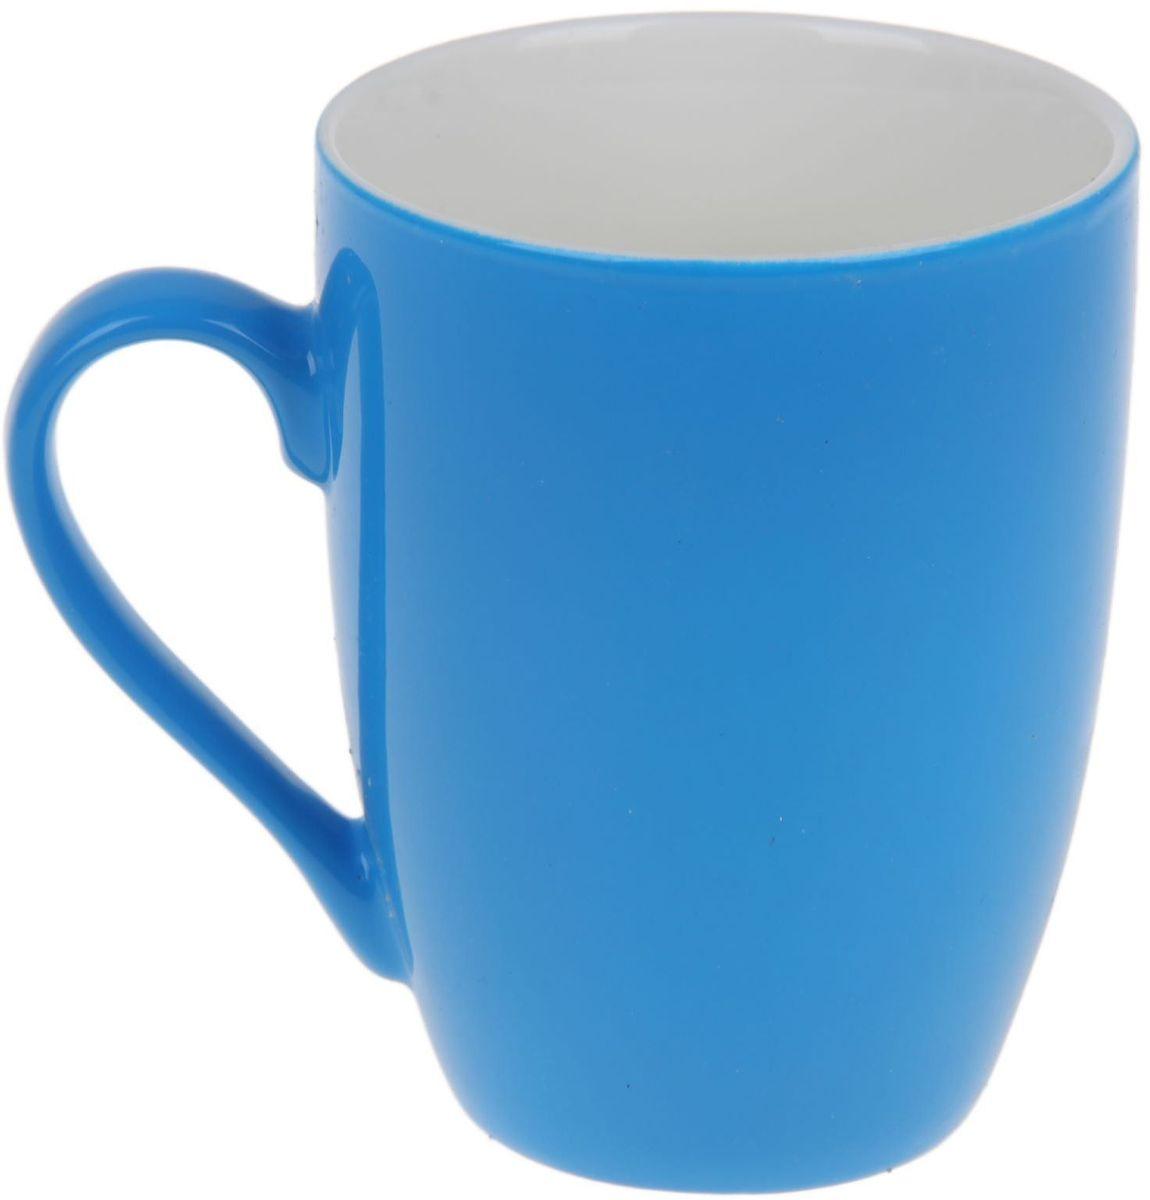 Кружка Доляна Радуга, цвет: голубой, белый, 300 мл699260Кружка Доляна Радуга изготовлена из высококачественной керамики и покрыта превосходной сверкающей глазурью. Изделие имеет яркий дизайн.Такая кружка прекрасно оформит стол к чаепитию и станет его неизменным атрибутом.Диаметр кружки (по верхнему краю): 8 см.Высота кружки: 10,5 см.